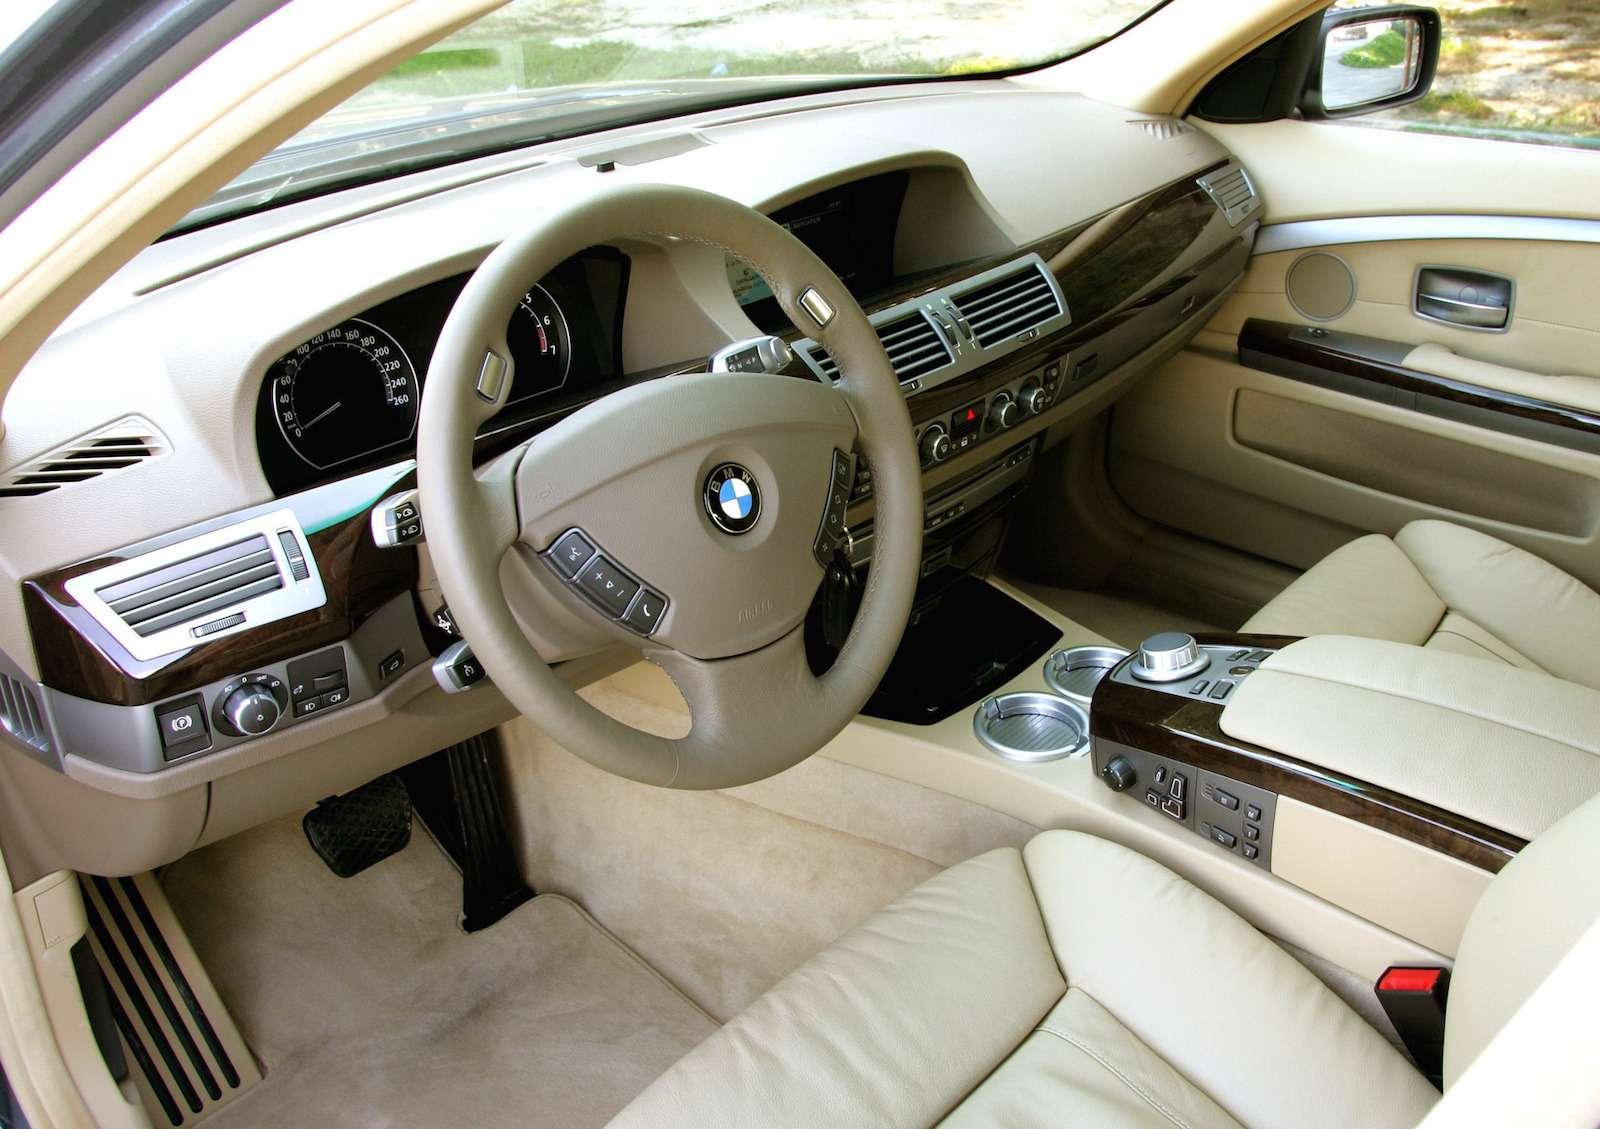 BMW-7_series_E65_E66-foto_b64283